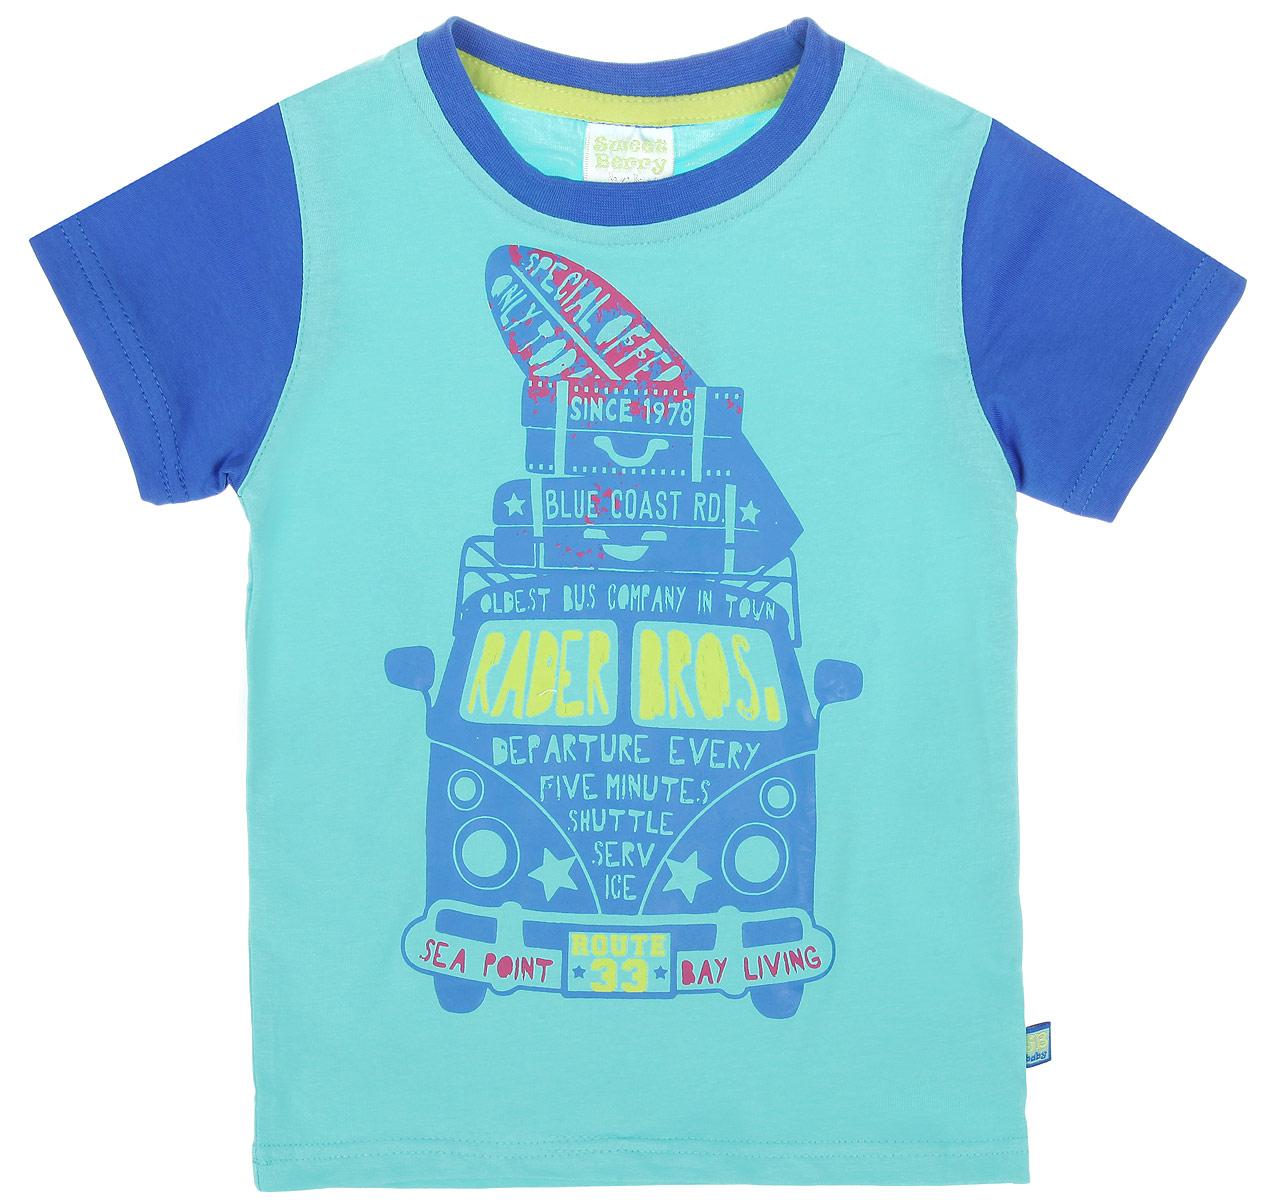 Футболка для мальчика. 196143196143Яркая футболка для мальчика Sweet Berry идеально подойдет вашему маленькому непоседе. Изготовленная из хлопка с небольшим добавлением эластана, она необычайно мягкая и приятная на ощупь, не сковывает движения и позволяет коже дышать, не раздражает даже самую нежную и чувствительную кожу ребенка, обеспечивая ему наибольший комфорт. Футболка с круглым вырезом горловины оформлена термоаппликацией с английскими надписями. Рукава выполнены из контрастного материала. Вырез горловины дополнен контрастной трикотажной эластичной резинкой. Современный дизайн и расцветка делают эту футболку стильным предметом детского гардероба. В ней ваш ребенок будет чувствовать себя уютно и комфортно и всегда будет в центре внимания!